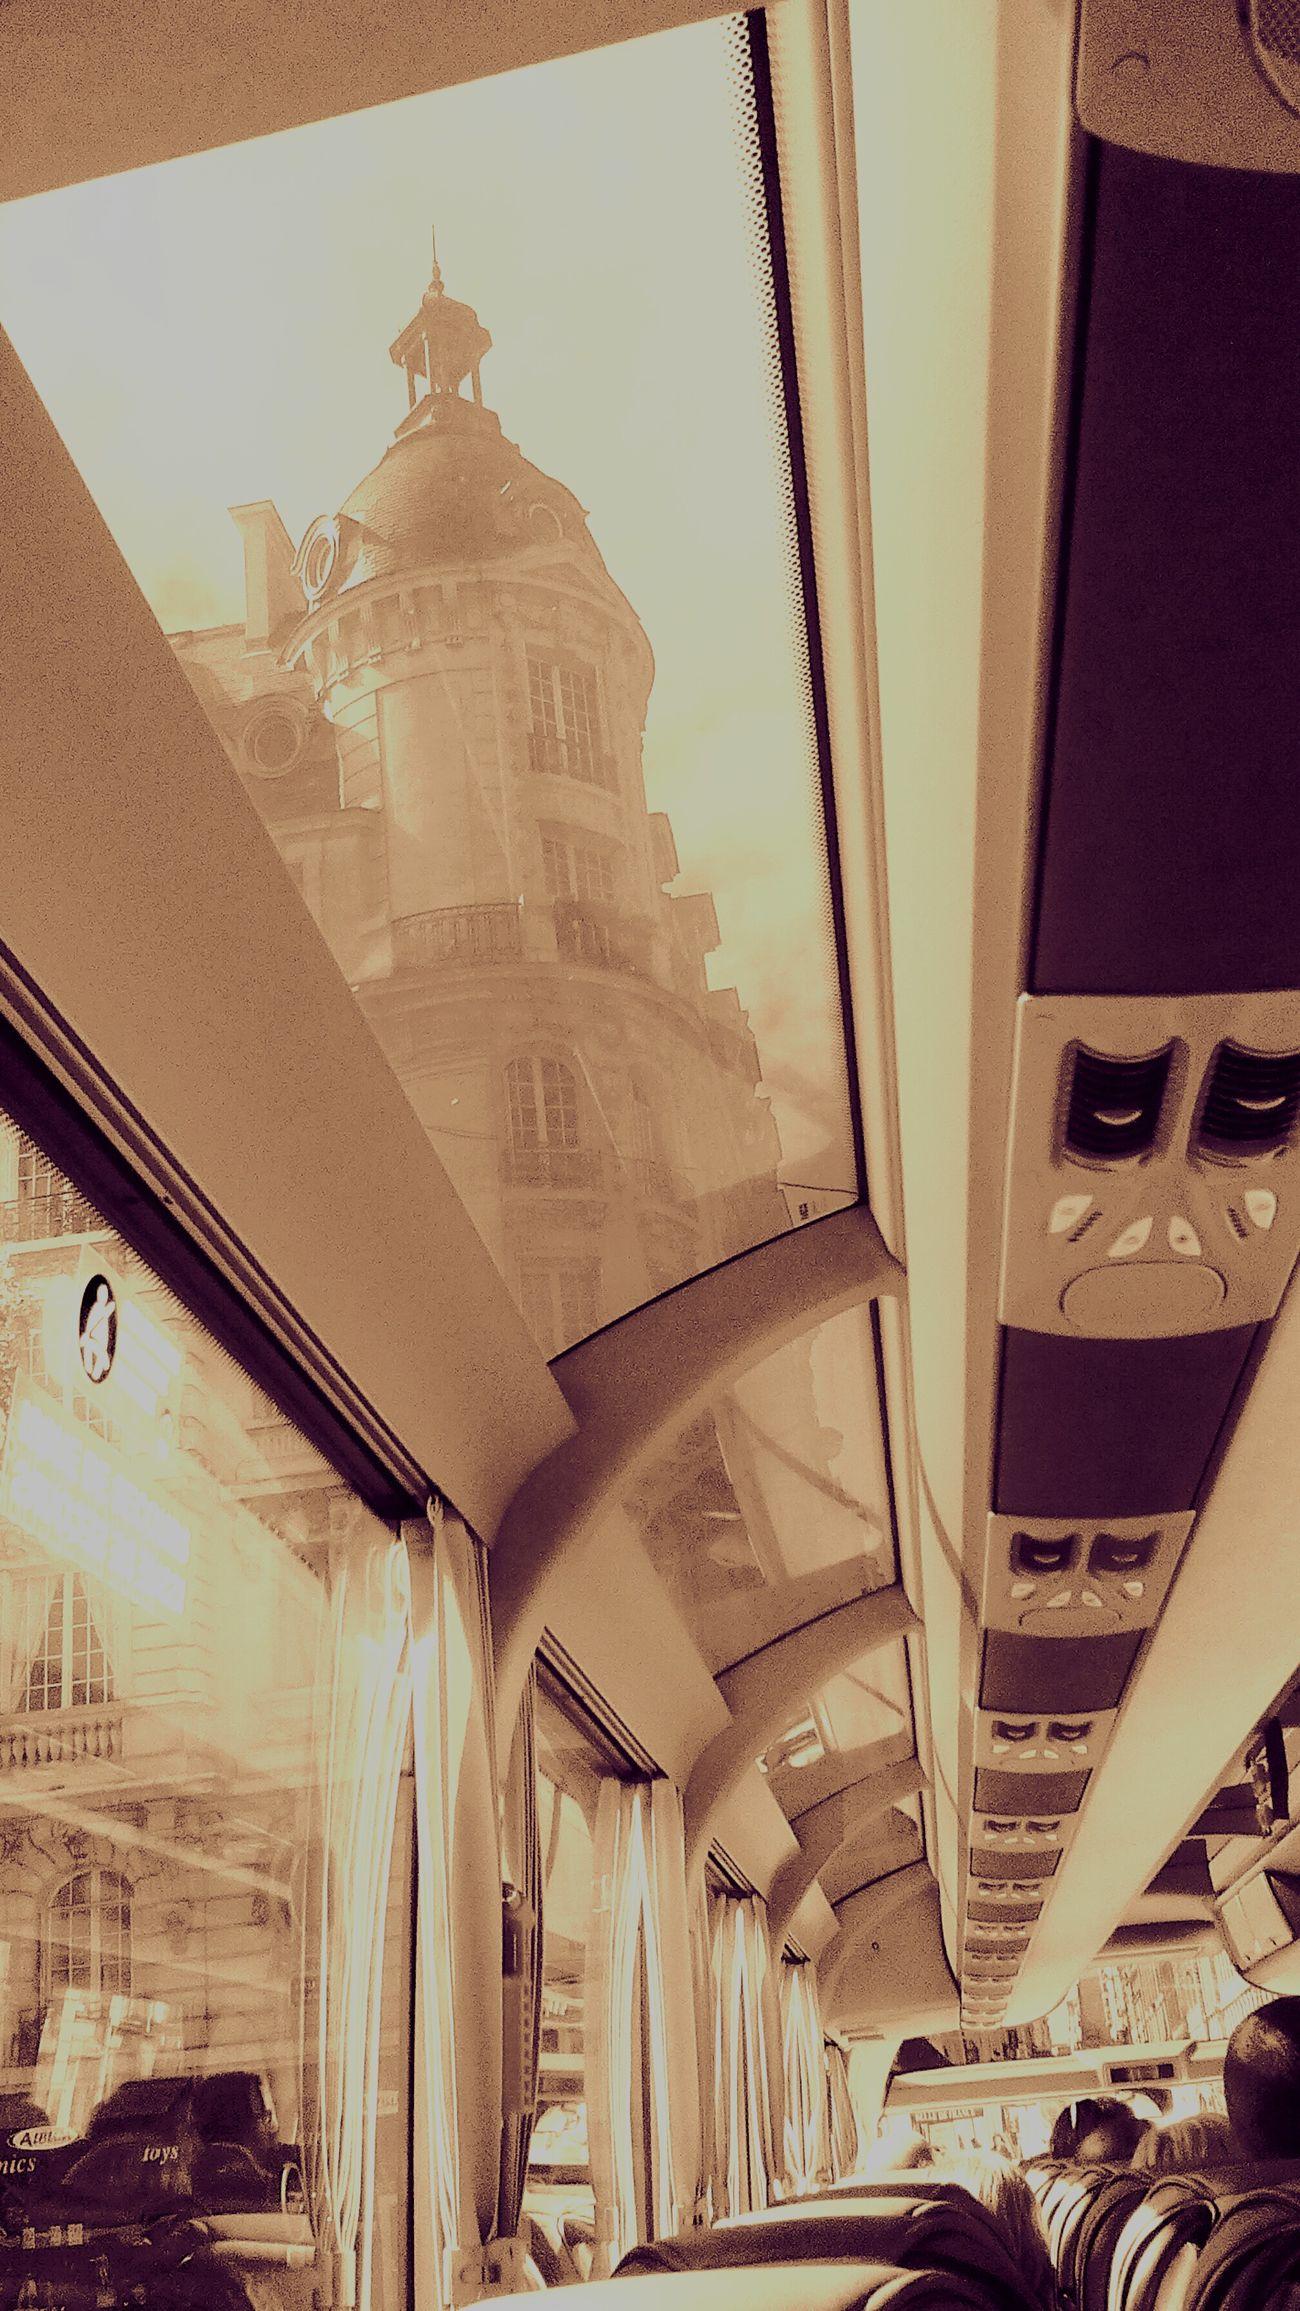 Tourbus Taking Photos Paris, France